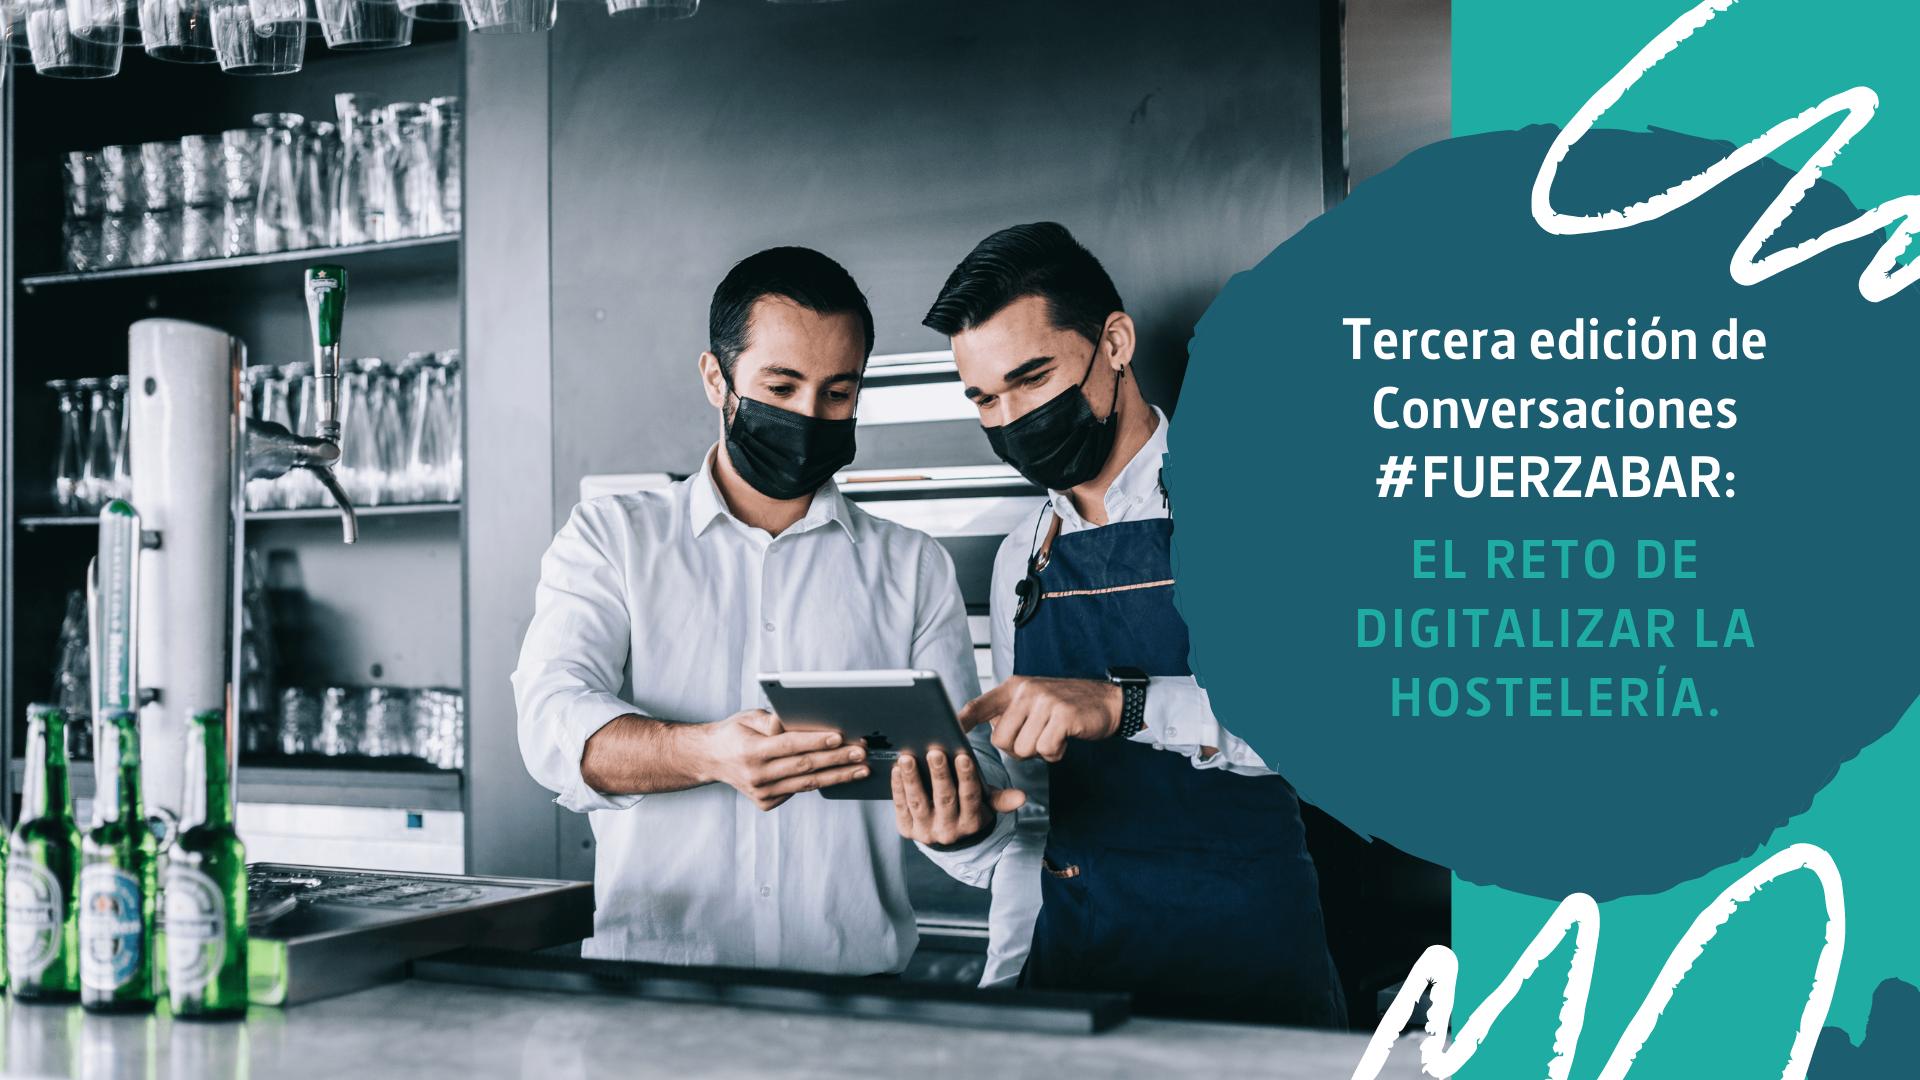 Numier TPV colabora con Heineken España analizando los retos y oportunidades de la digitalización en la última edición de conversaciones #FUERZABAR